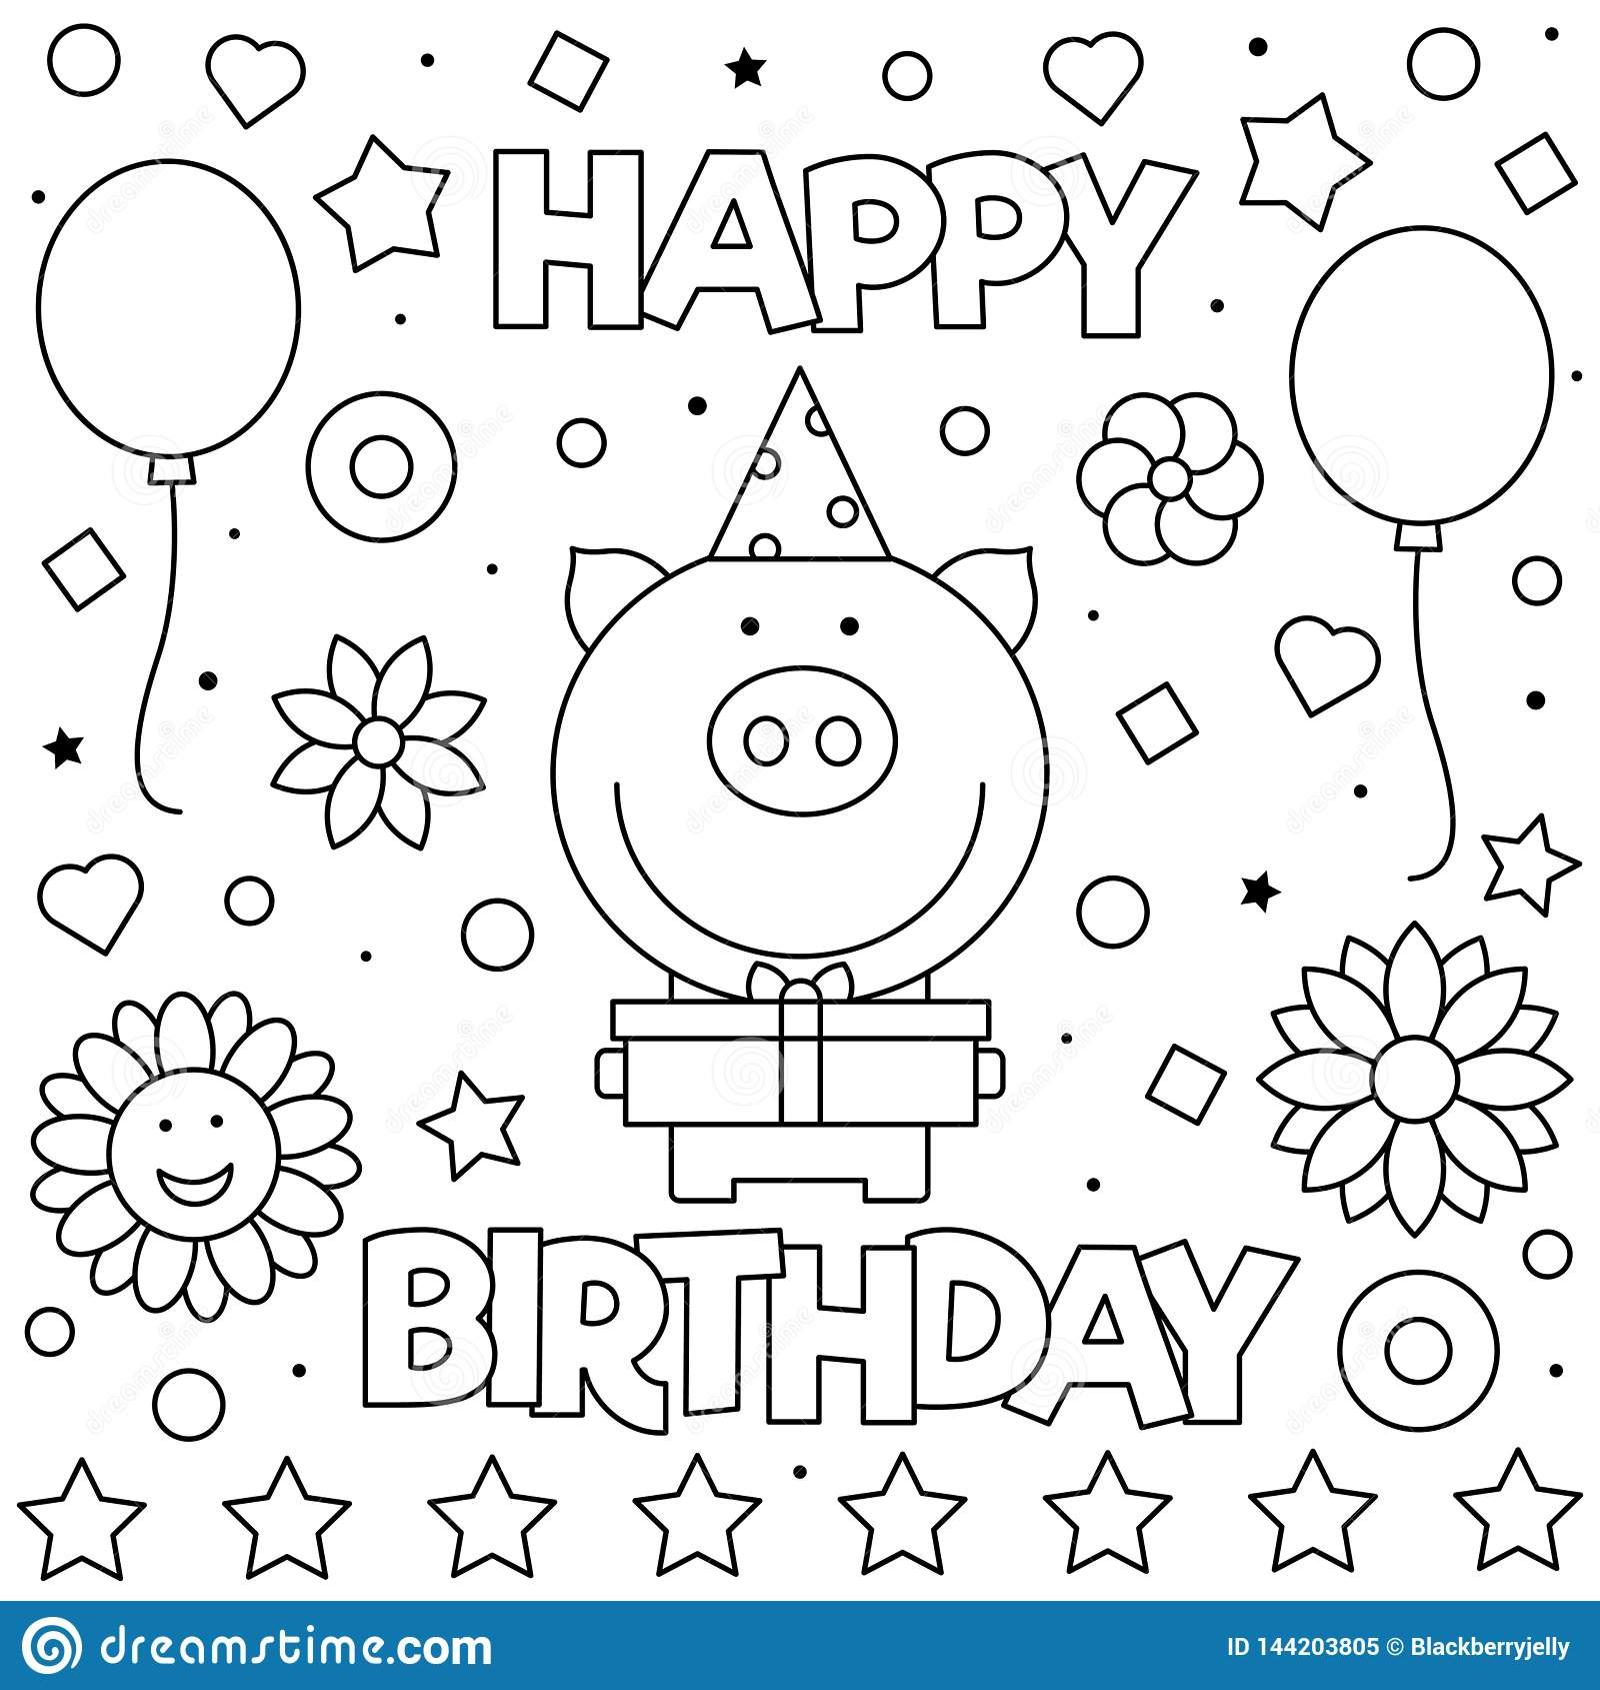 Happy Birthday Coloring Page Vector Illustration Of Pig Stock Vector Illustration Of Drawing Balloon 144203805